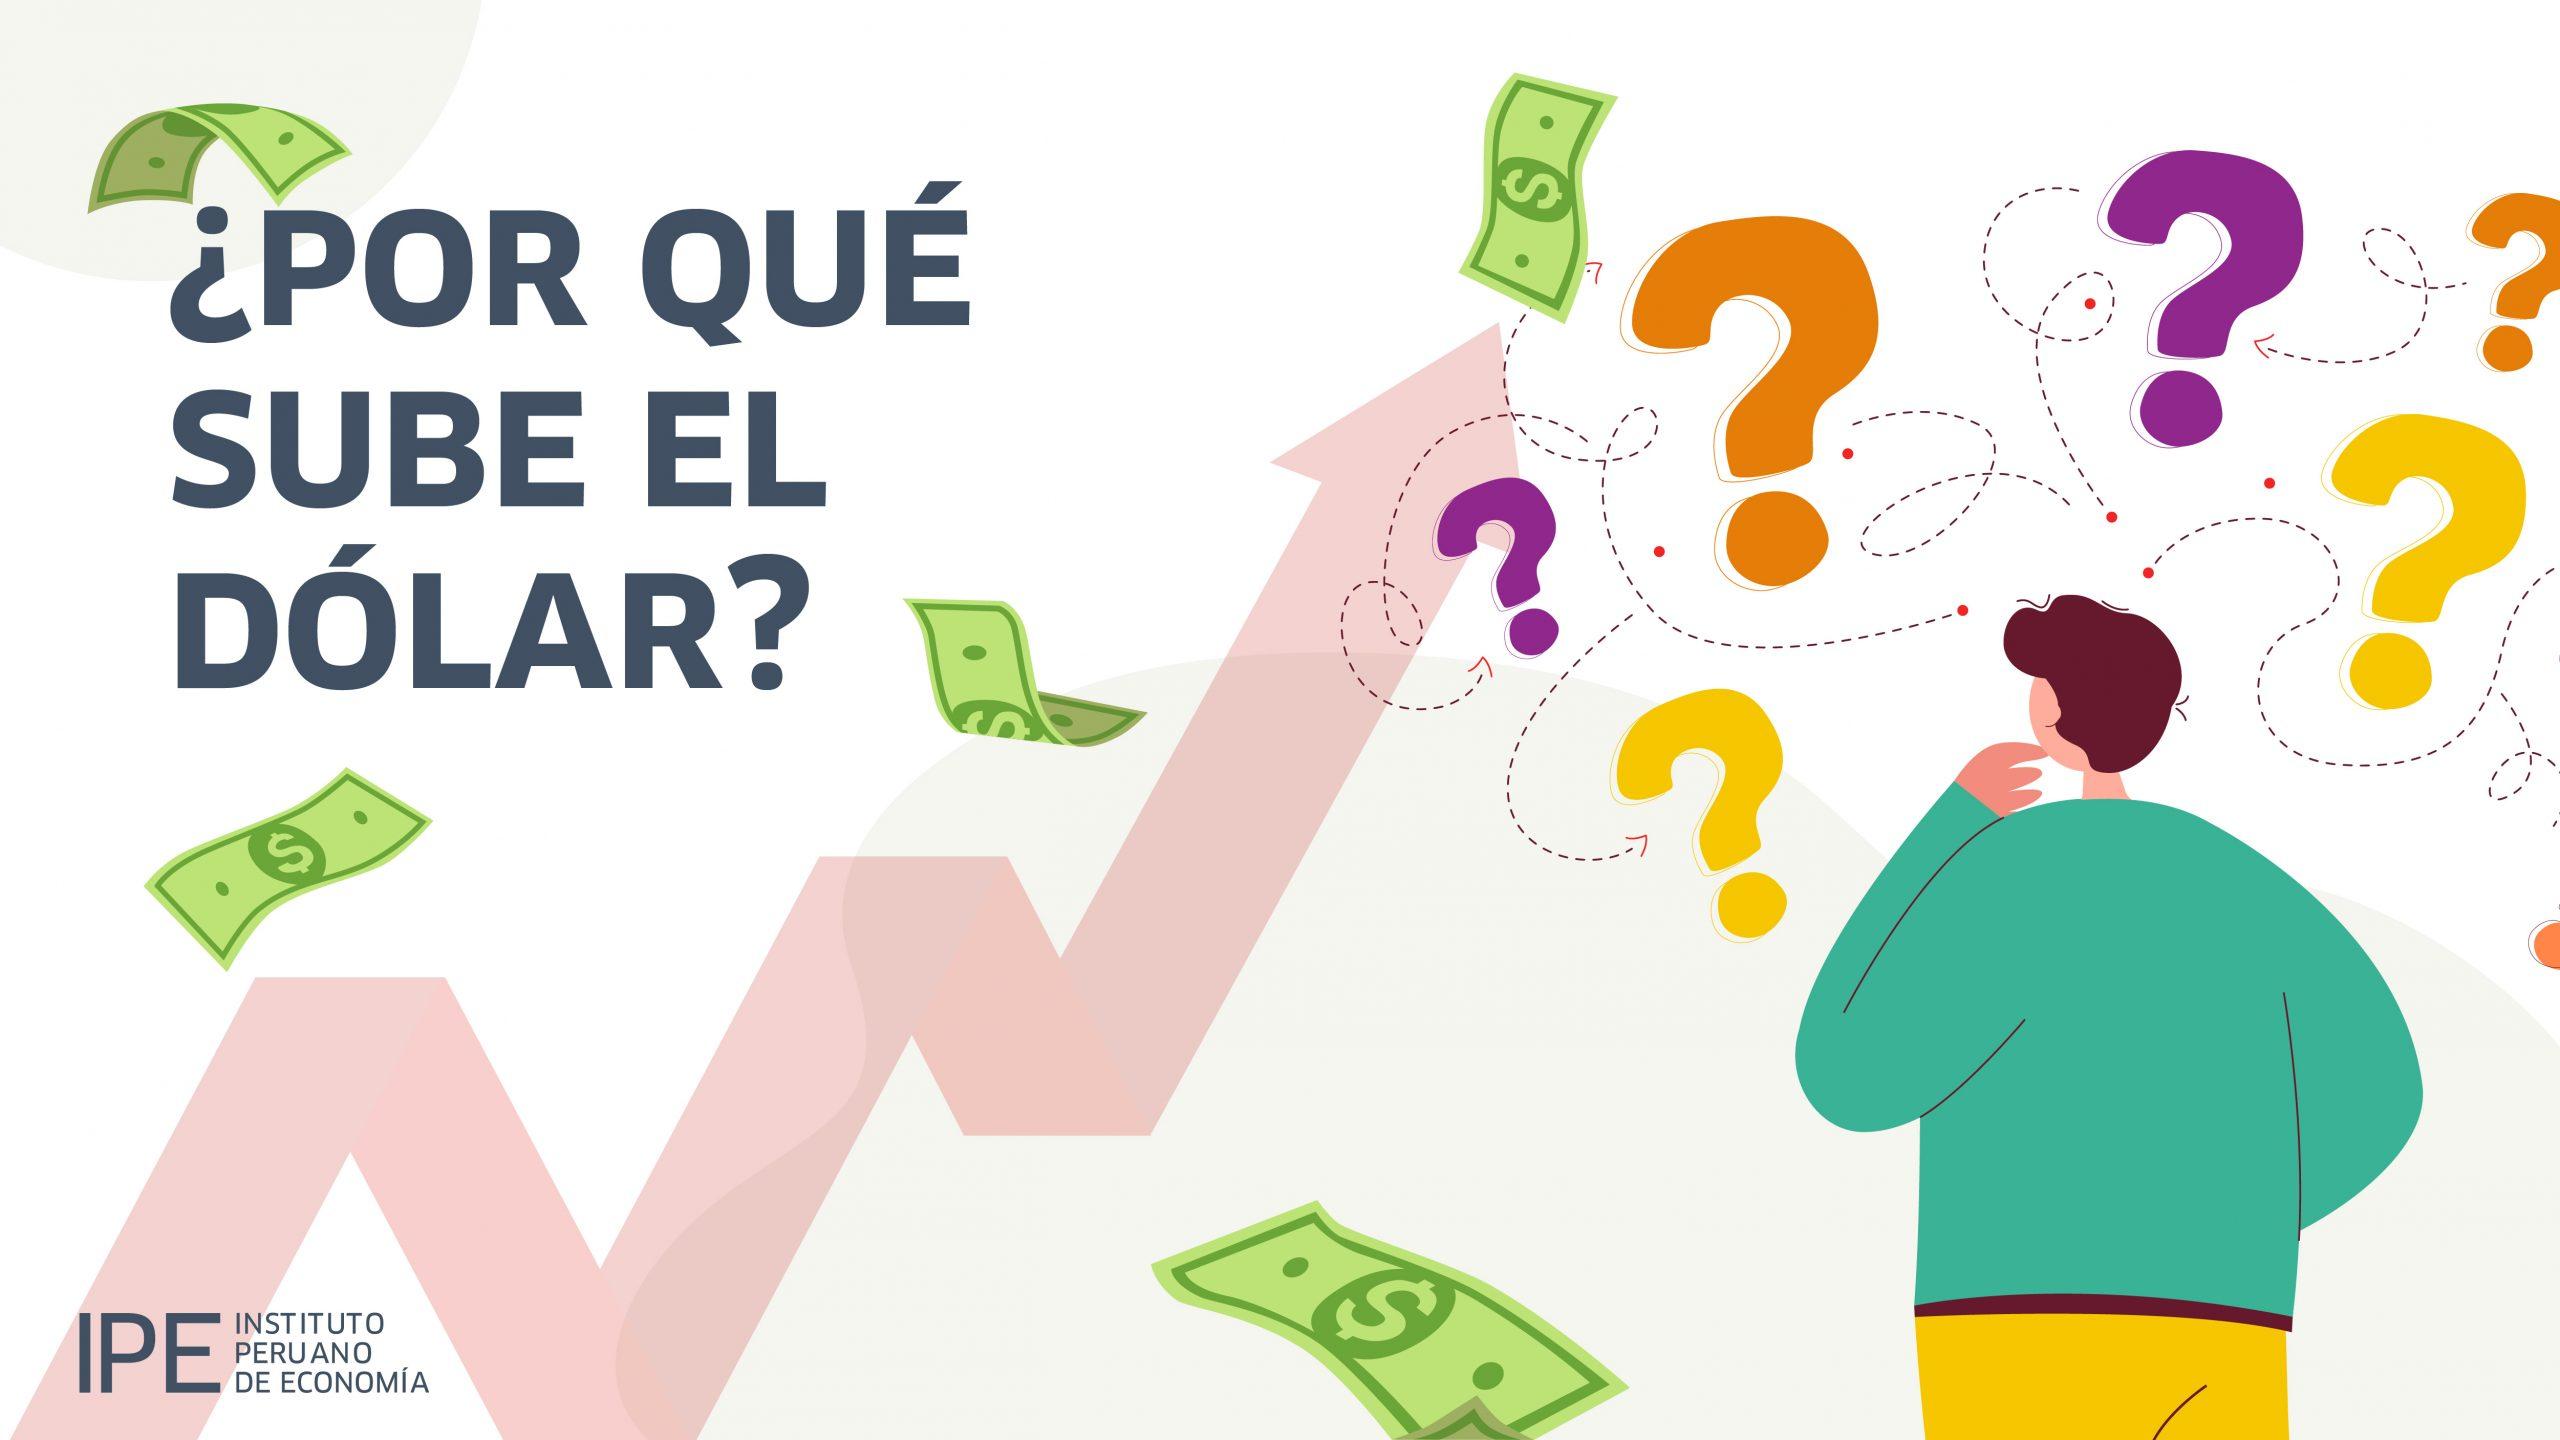 dólar, tipo de cambio, monedas, economía, Perú